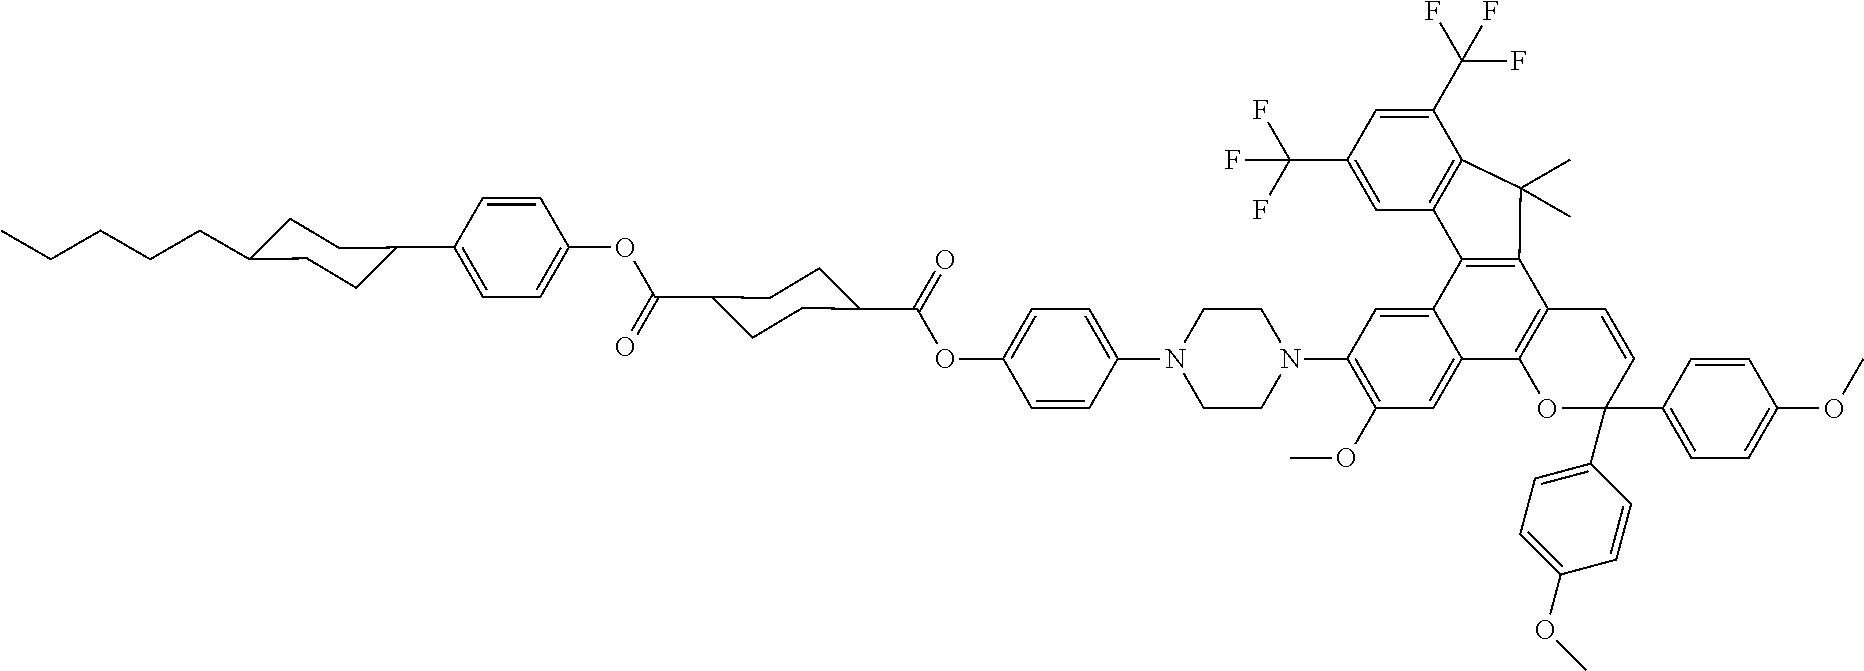 Figure US08518546-20130827-C00068